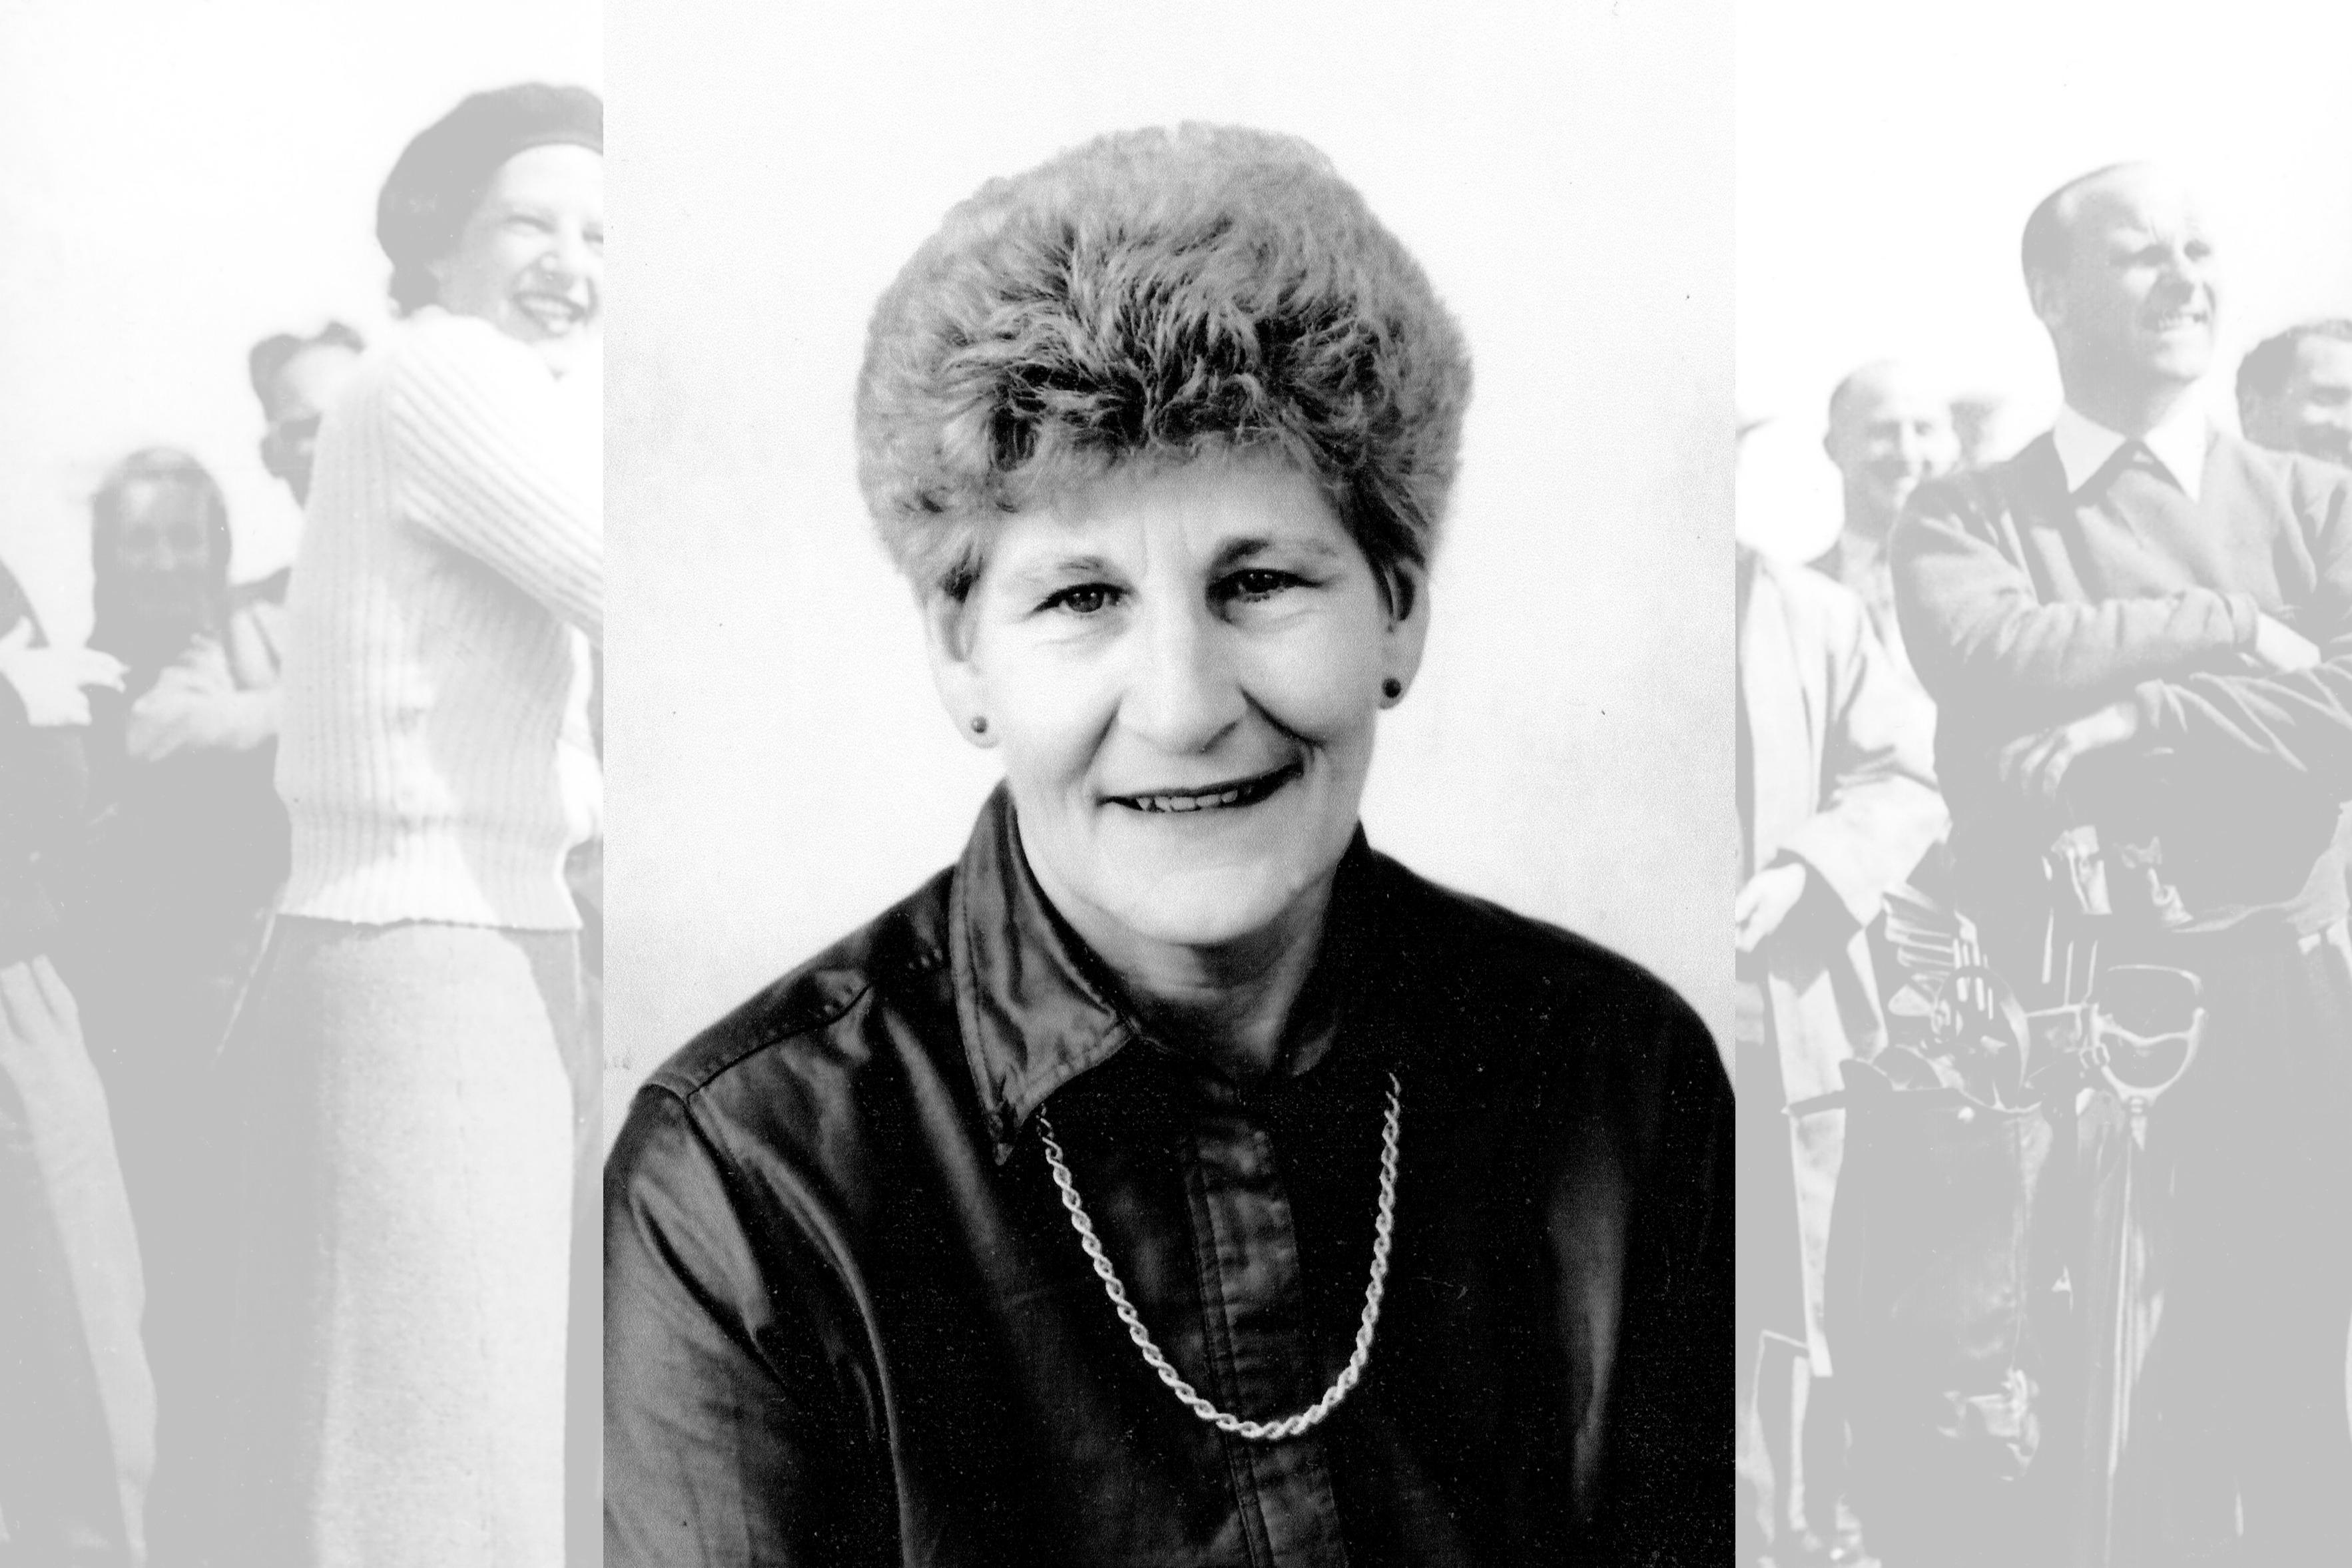 1978 - Brenda Boatwright